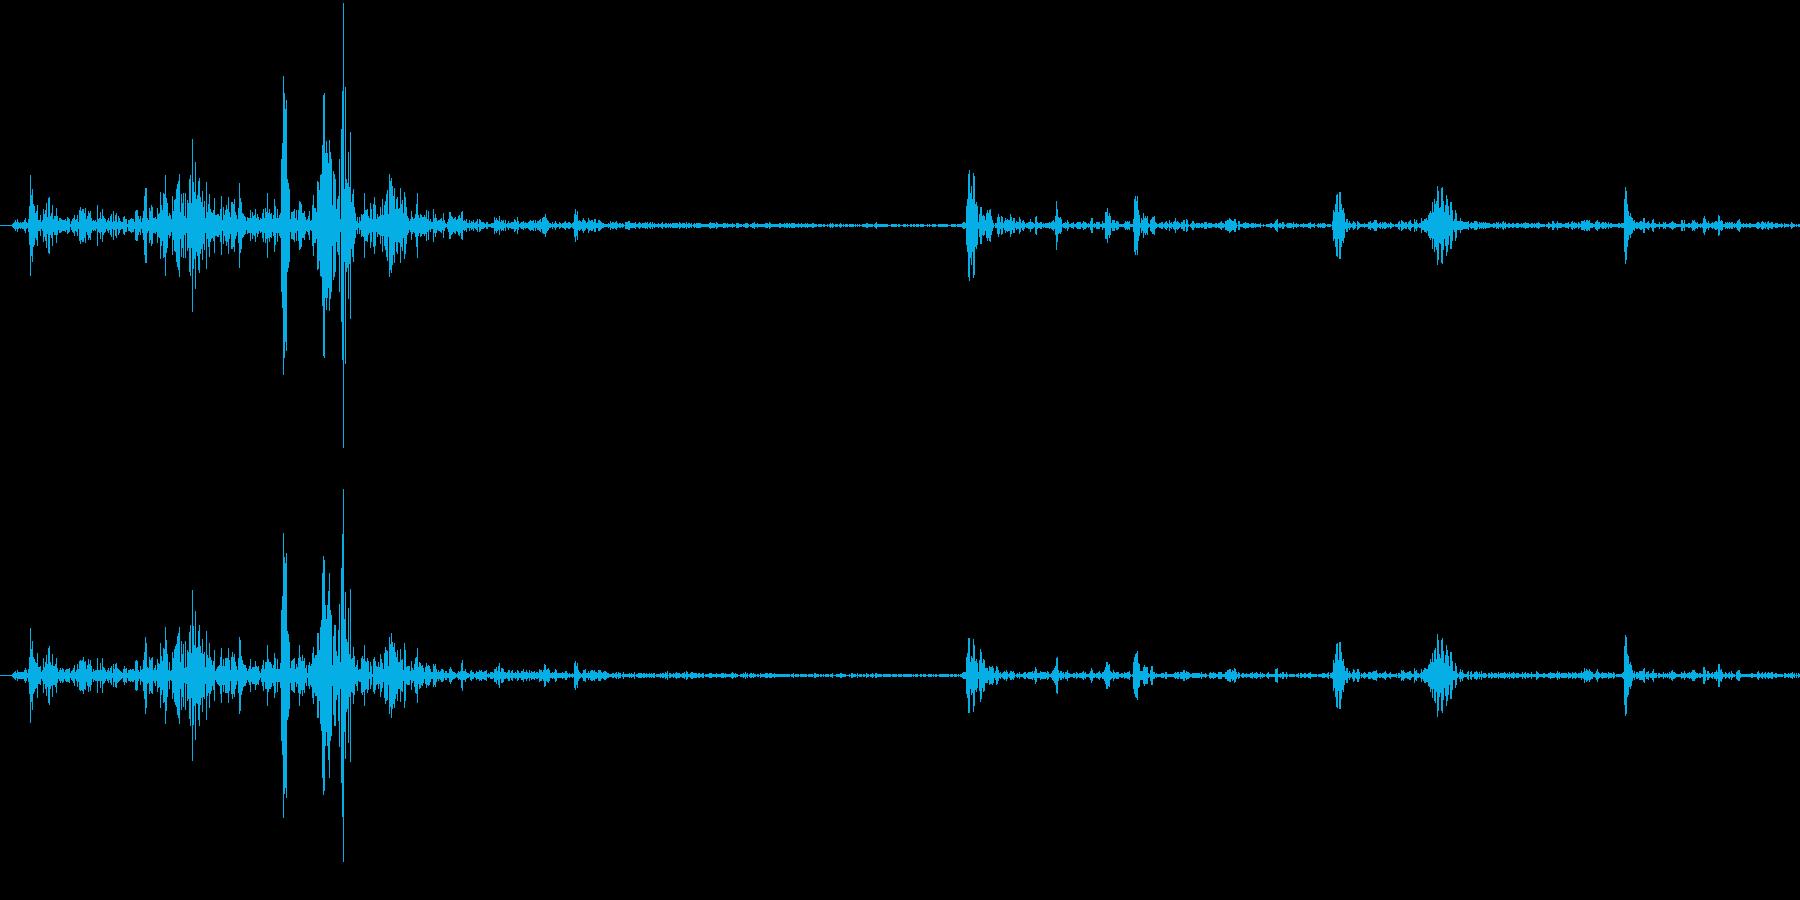 Fish 魚がピチャッと跳ねる音 3の再生済みの波形